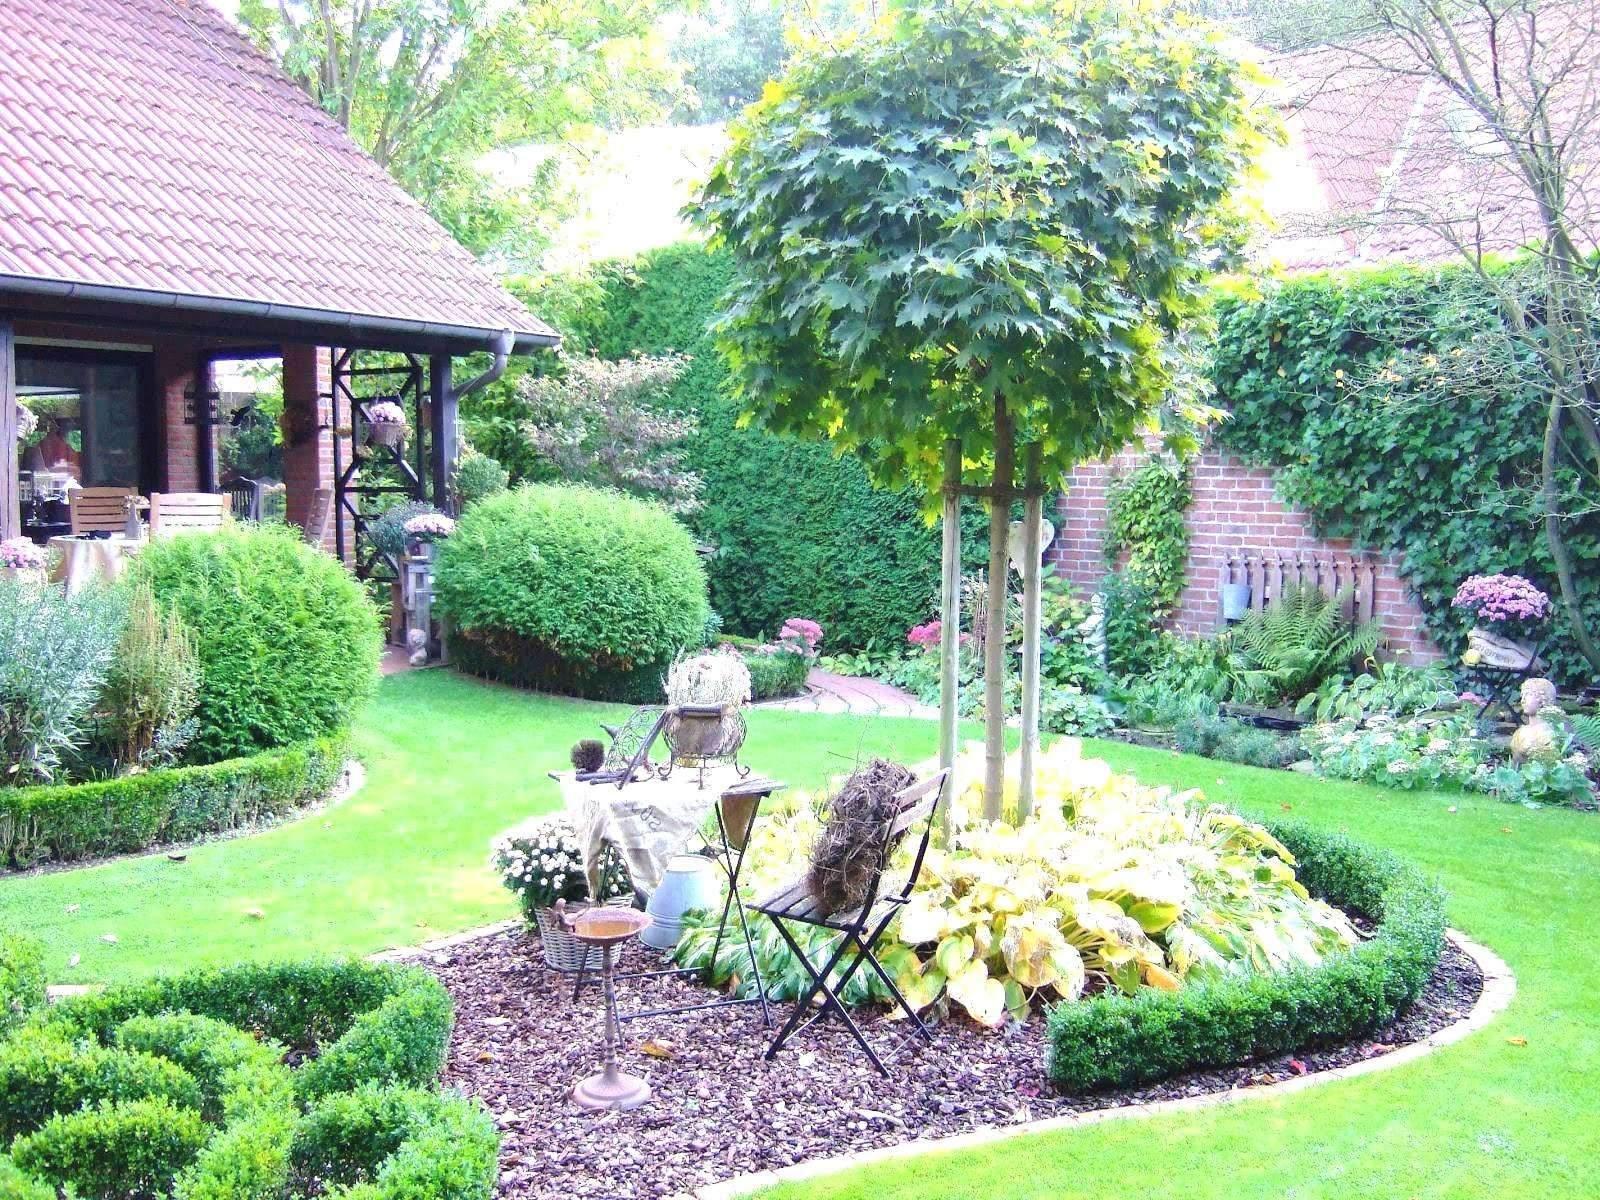 Kleiner Garten Gestalten Einzigartig Garten Ideas Garten Anlegen Inspirational Aussenleuchten